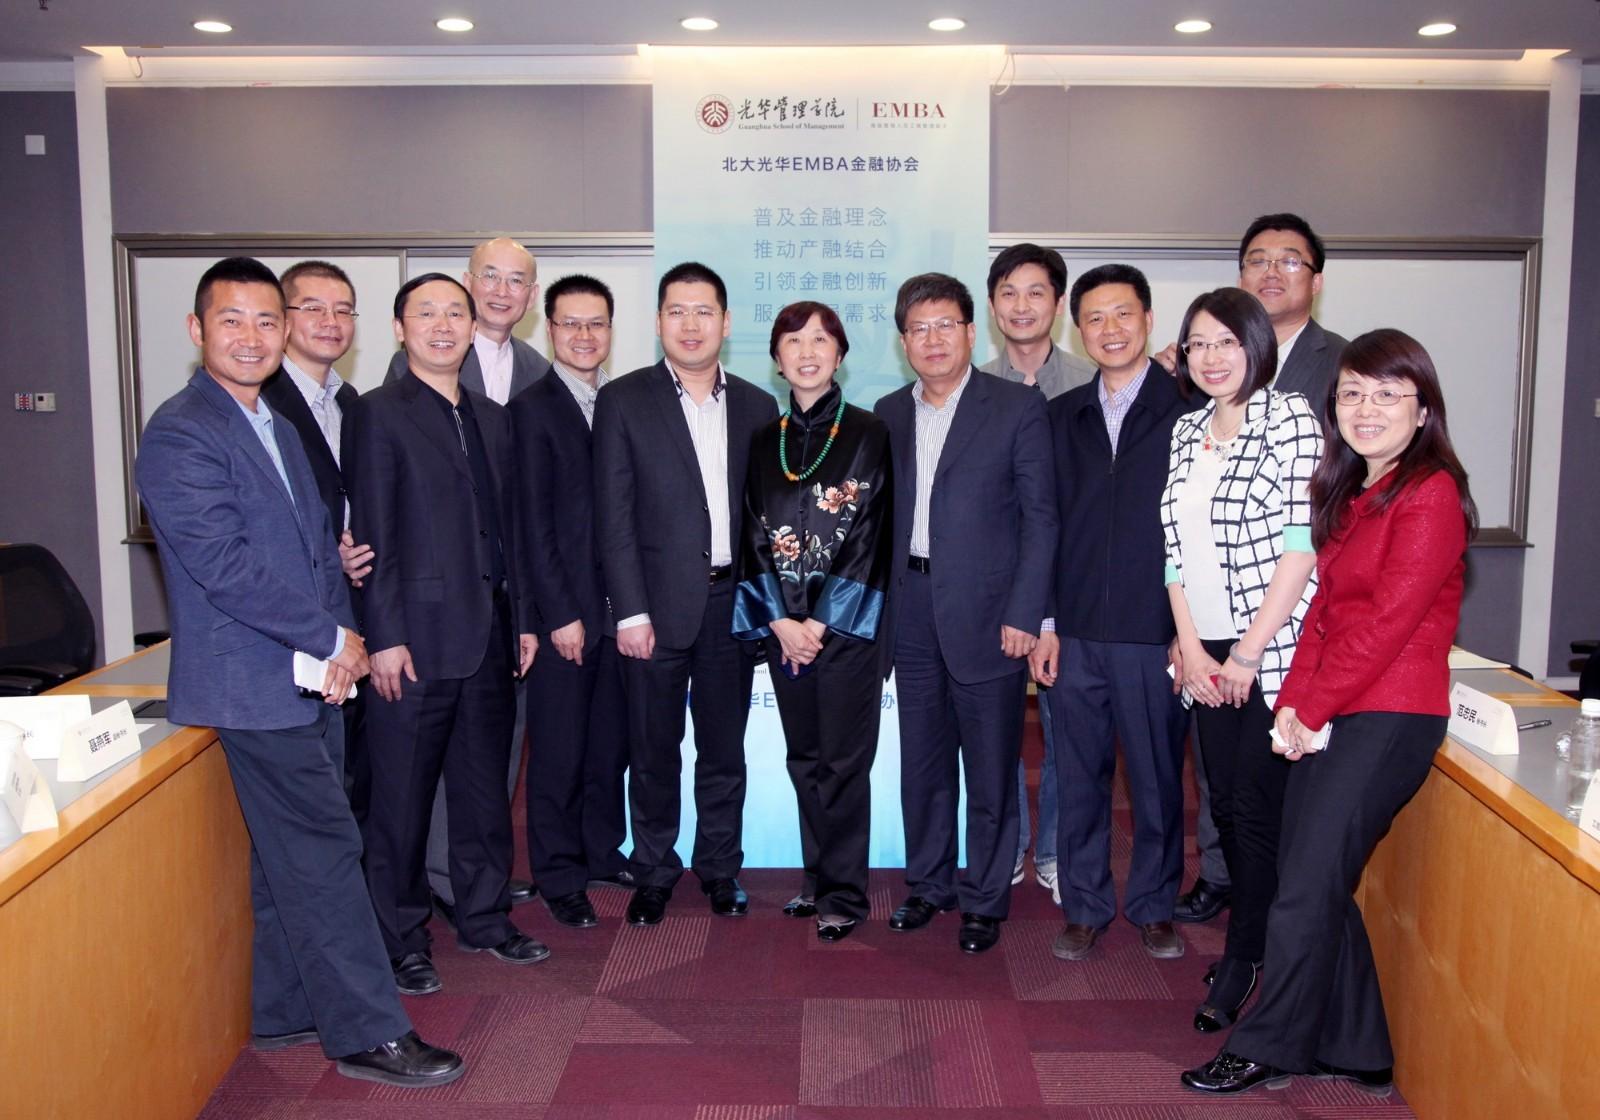 北京大学光华管理学院EMBA金融协会